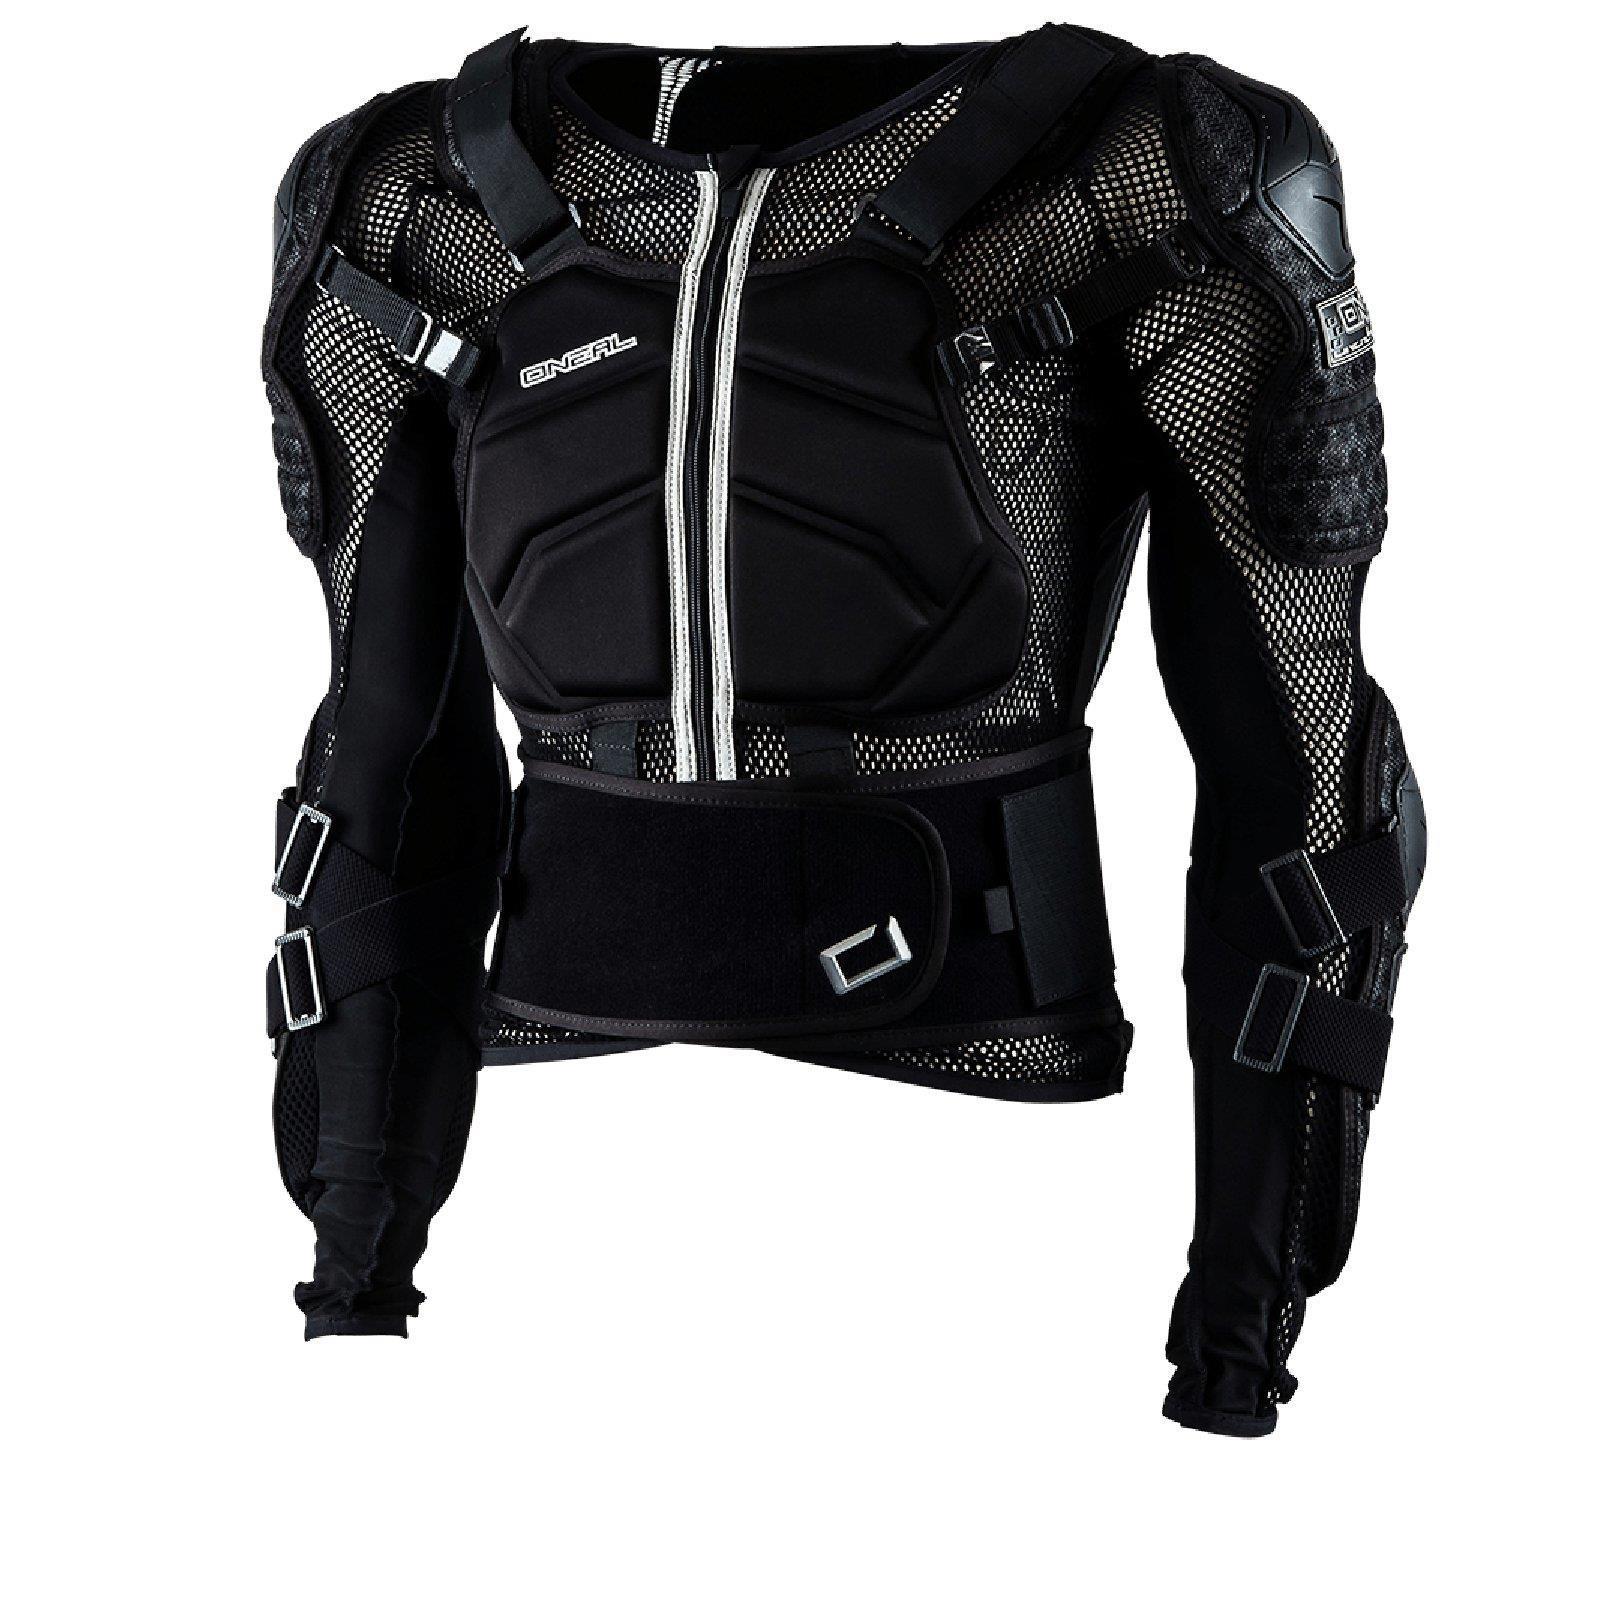 Oneal-protectores-chaqueta-pecho-tanques-chaqueta-moto-cross-FR-DH-proteccion-chaleco-MX-MTB miniatura 26